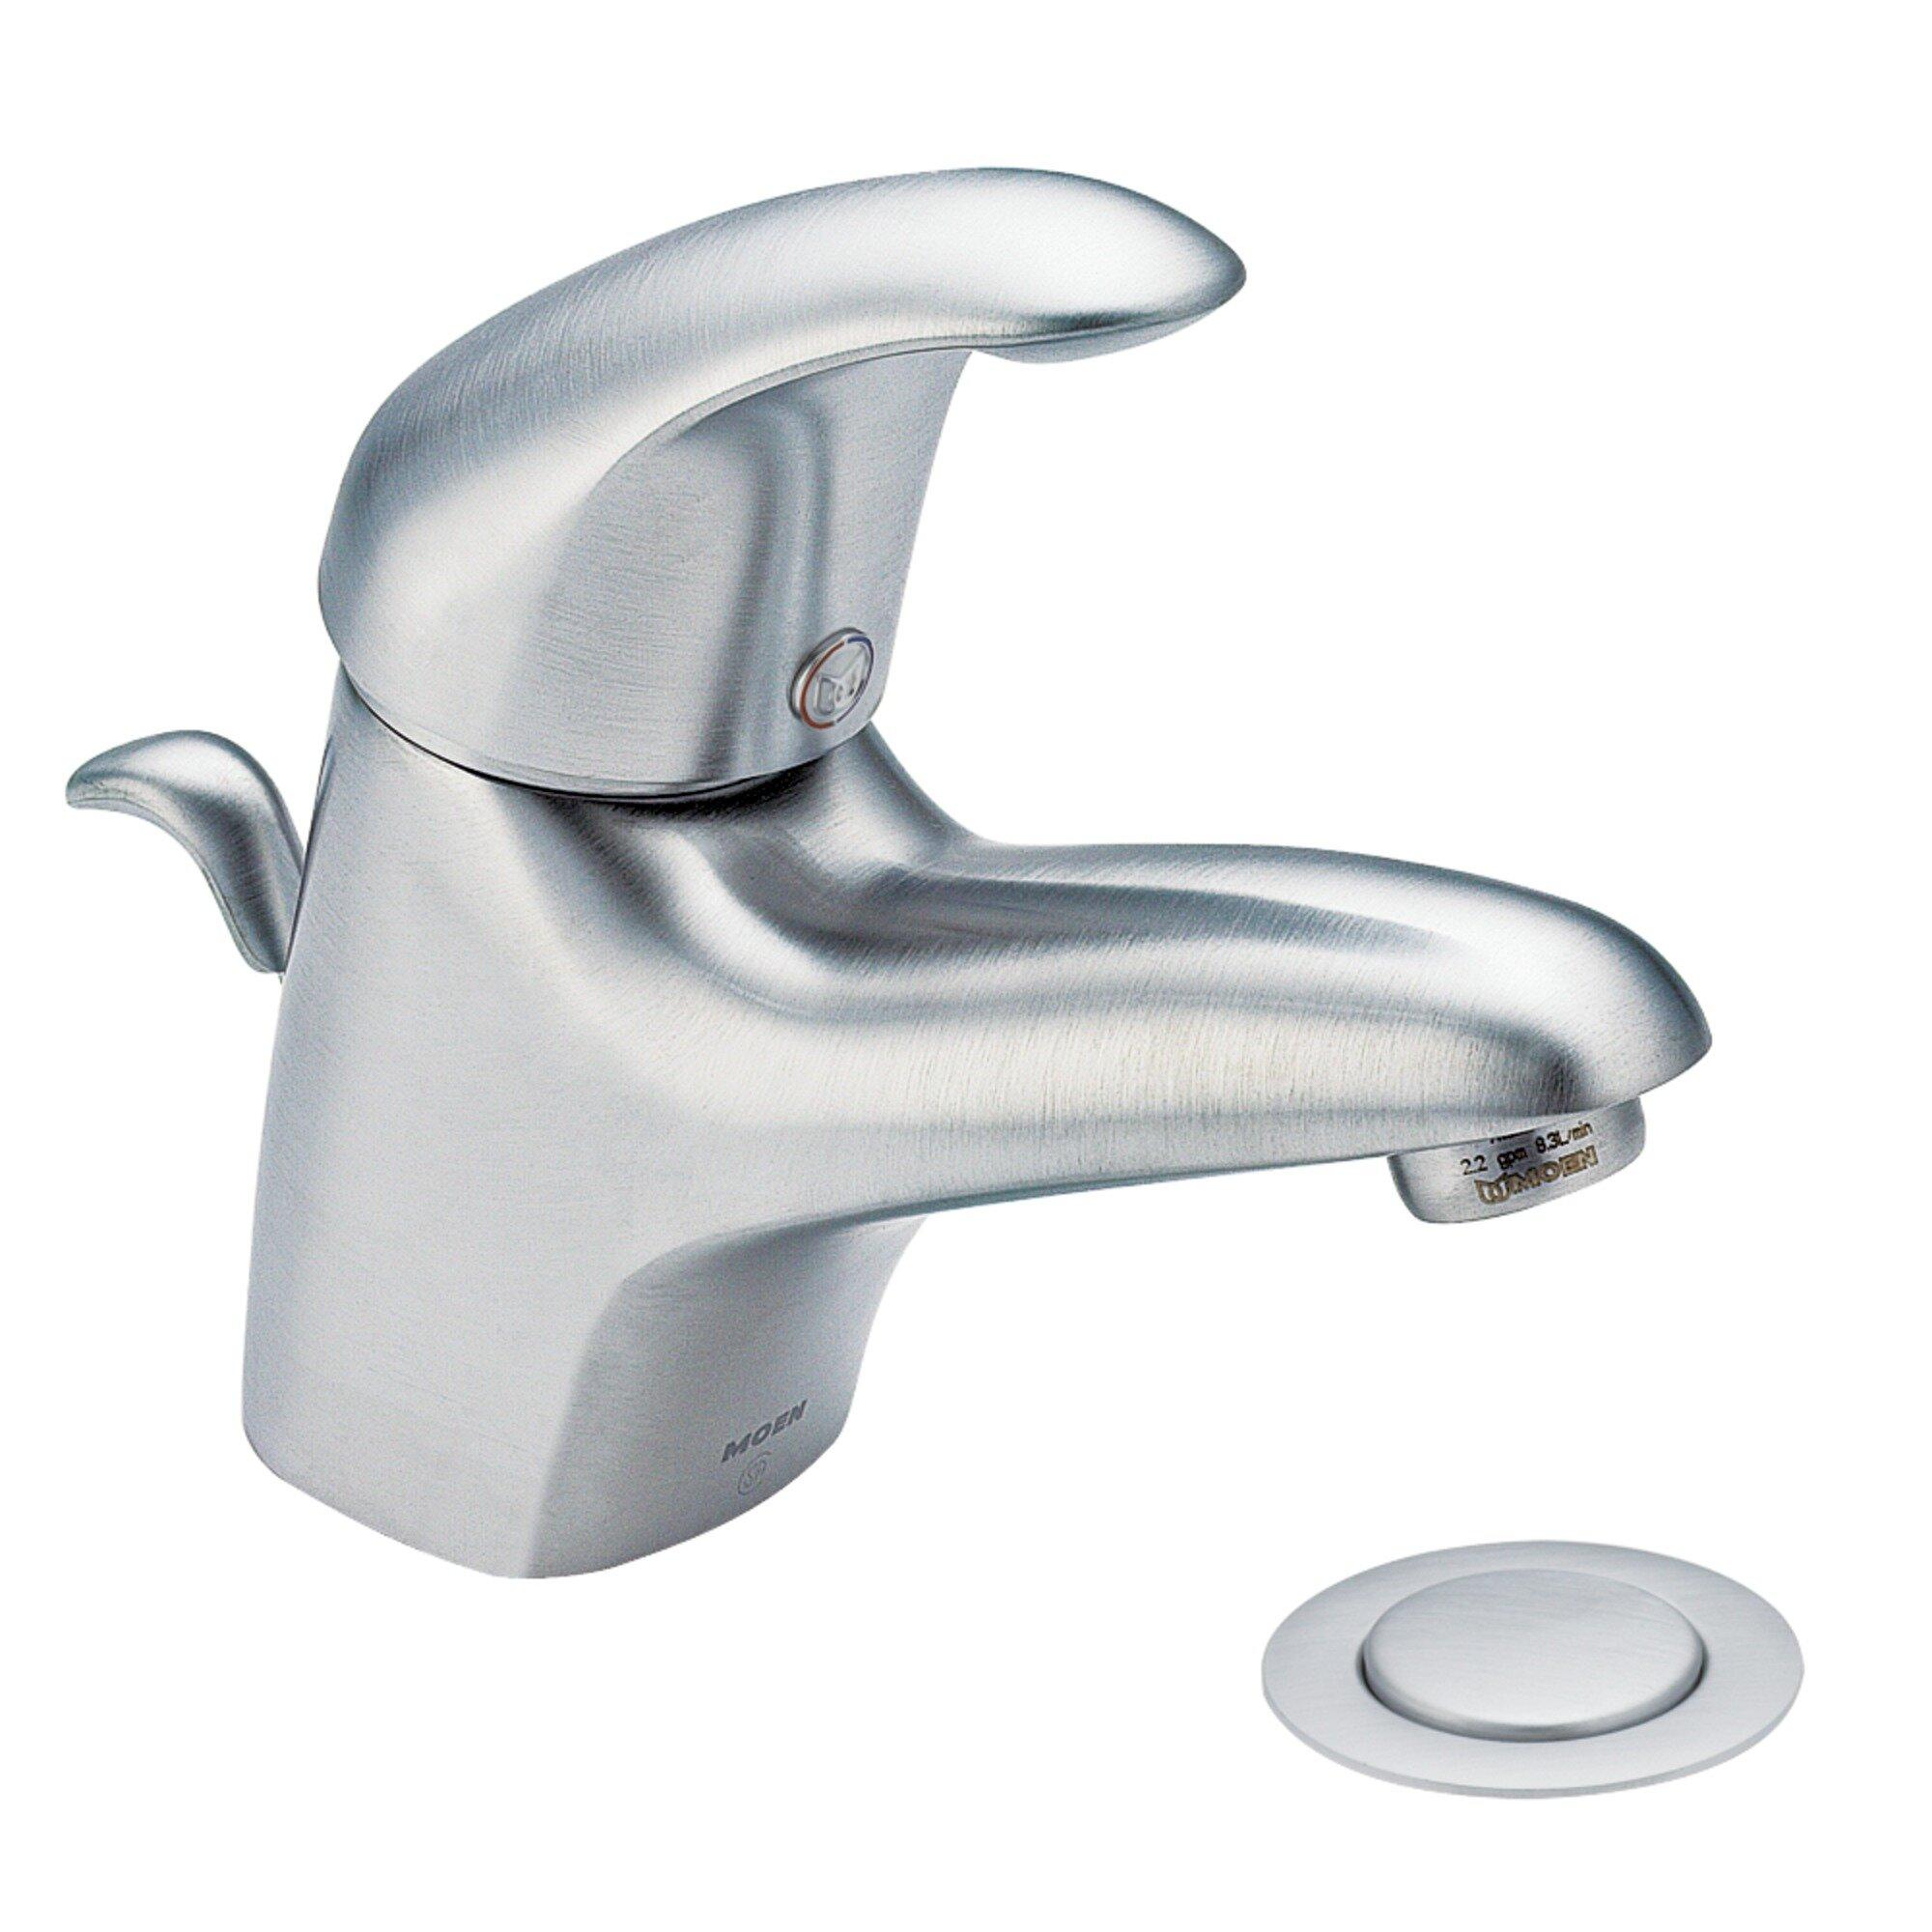 Moen single hole bathroom faucet my web value for Moen one handle bathroom faucet